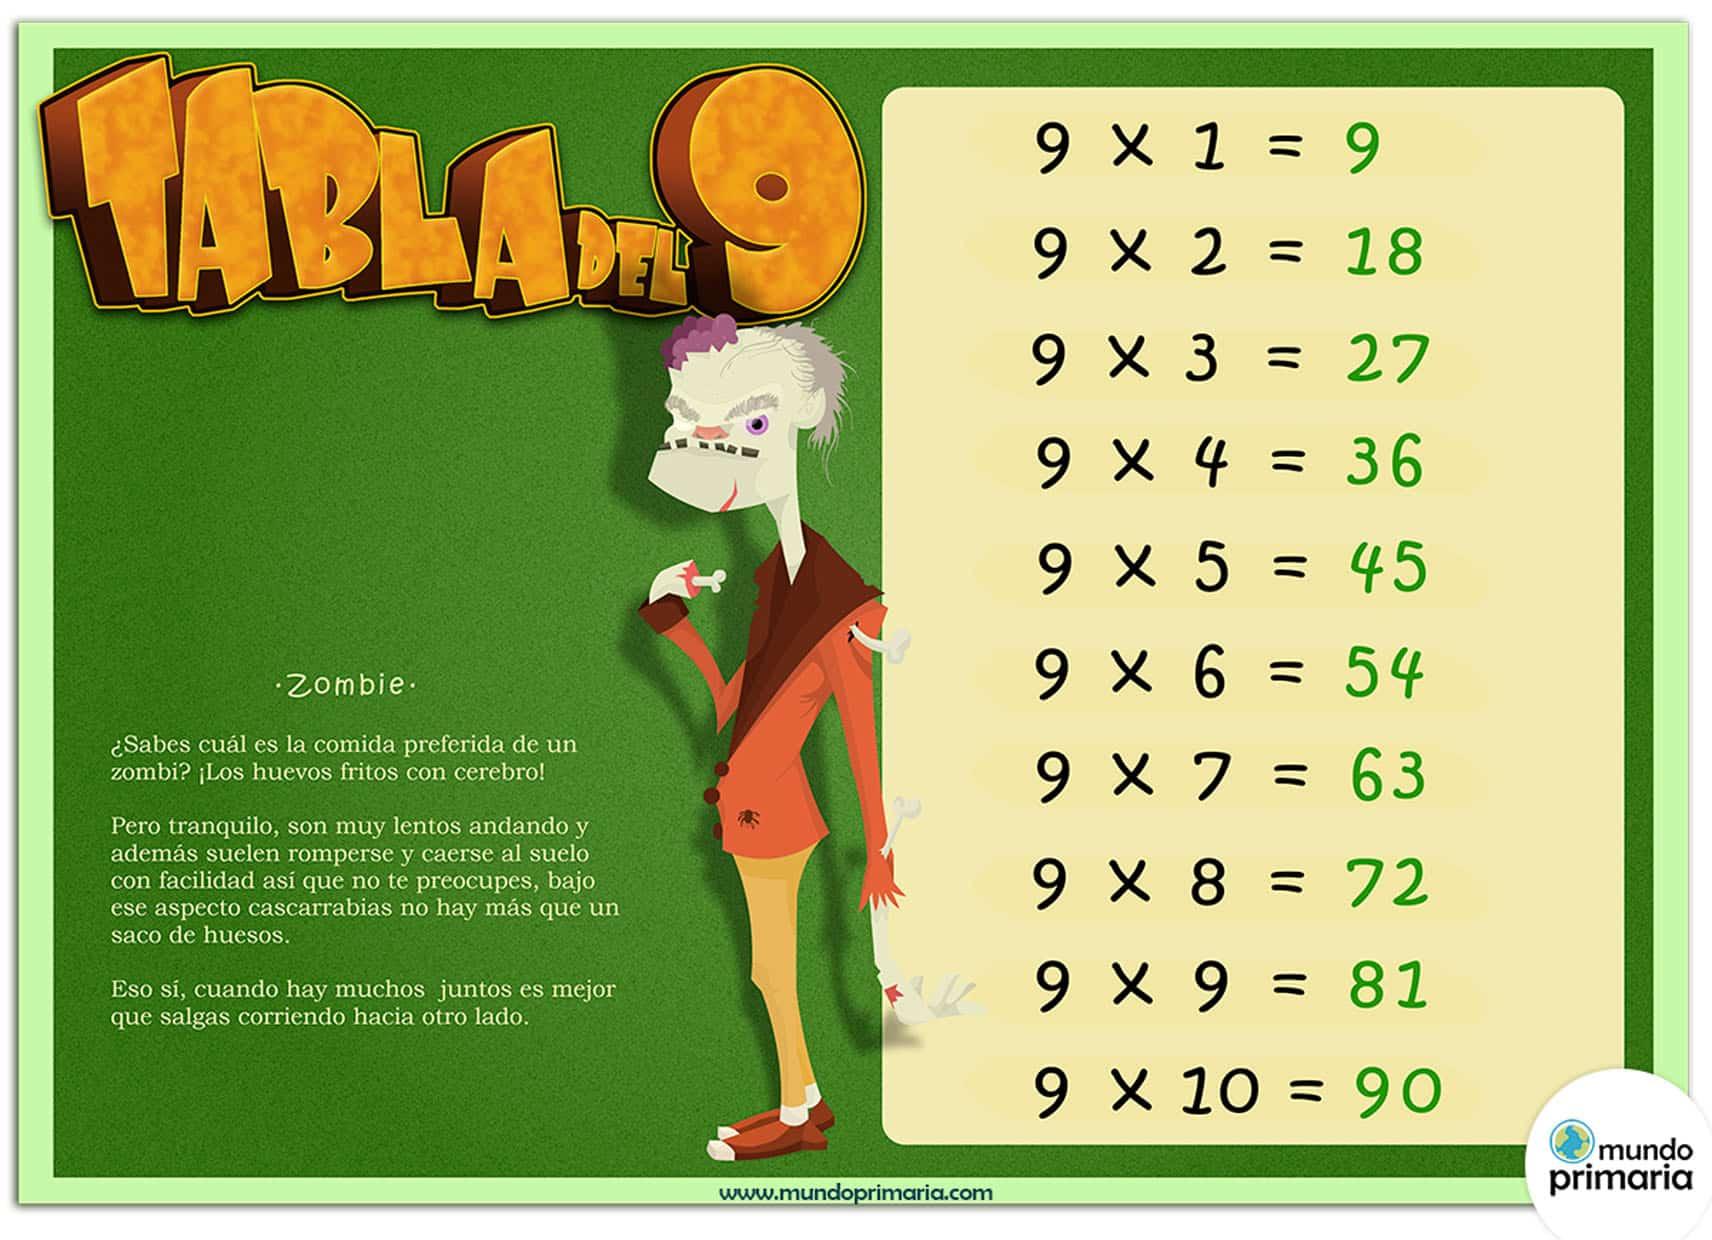 Zombie tabla del nueve